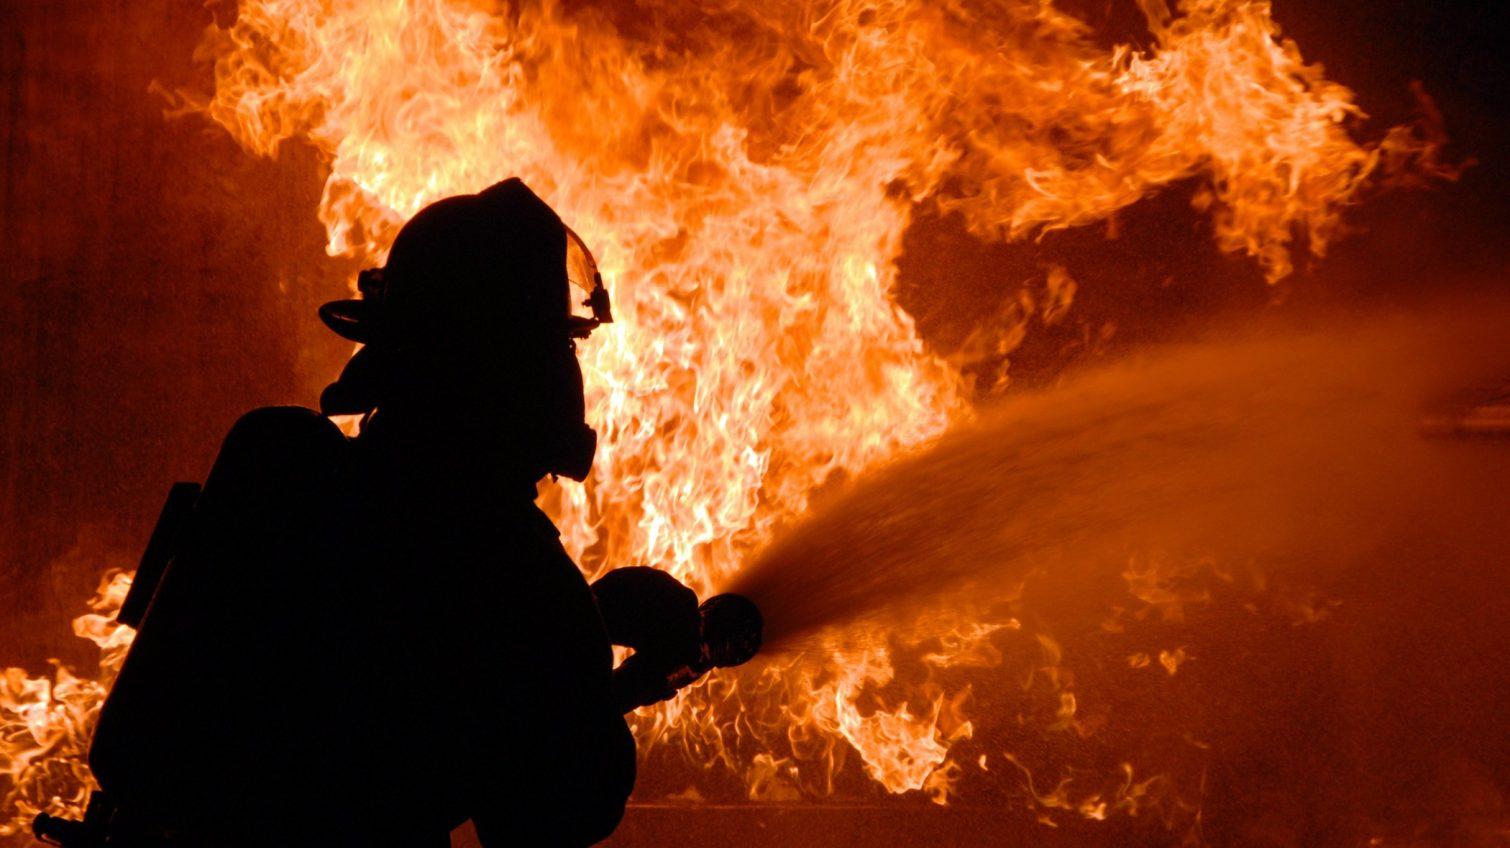 Двое мужчин погибли при пожаре в Одесской области: огонь тушили почти час «фото»